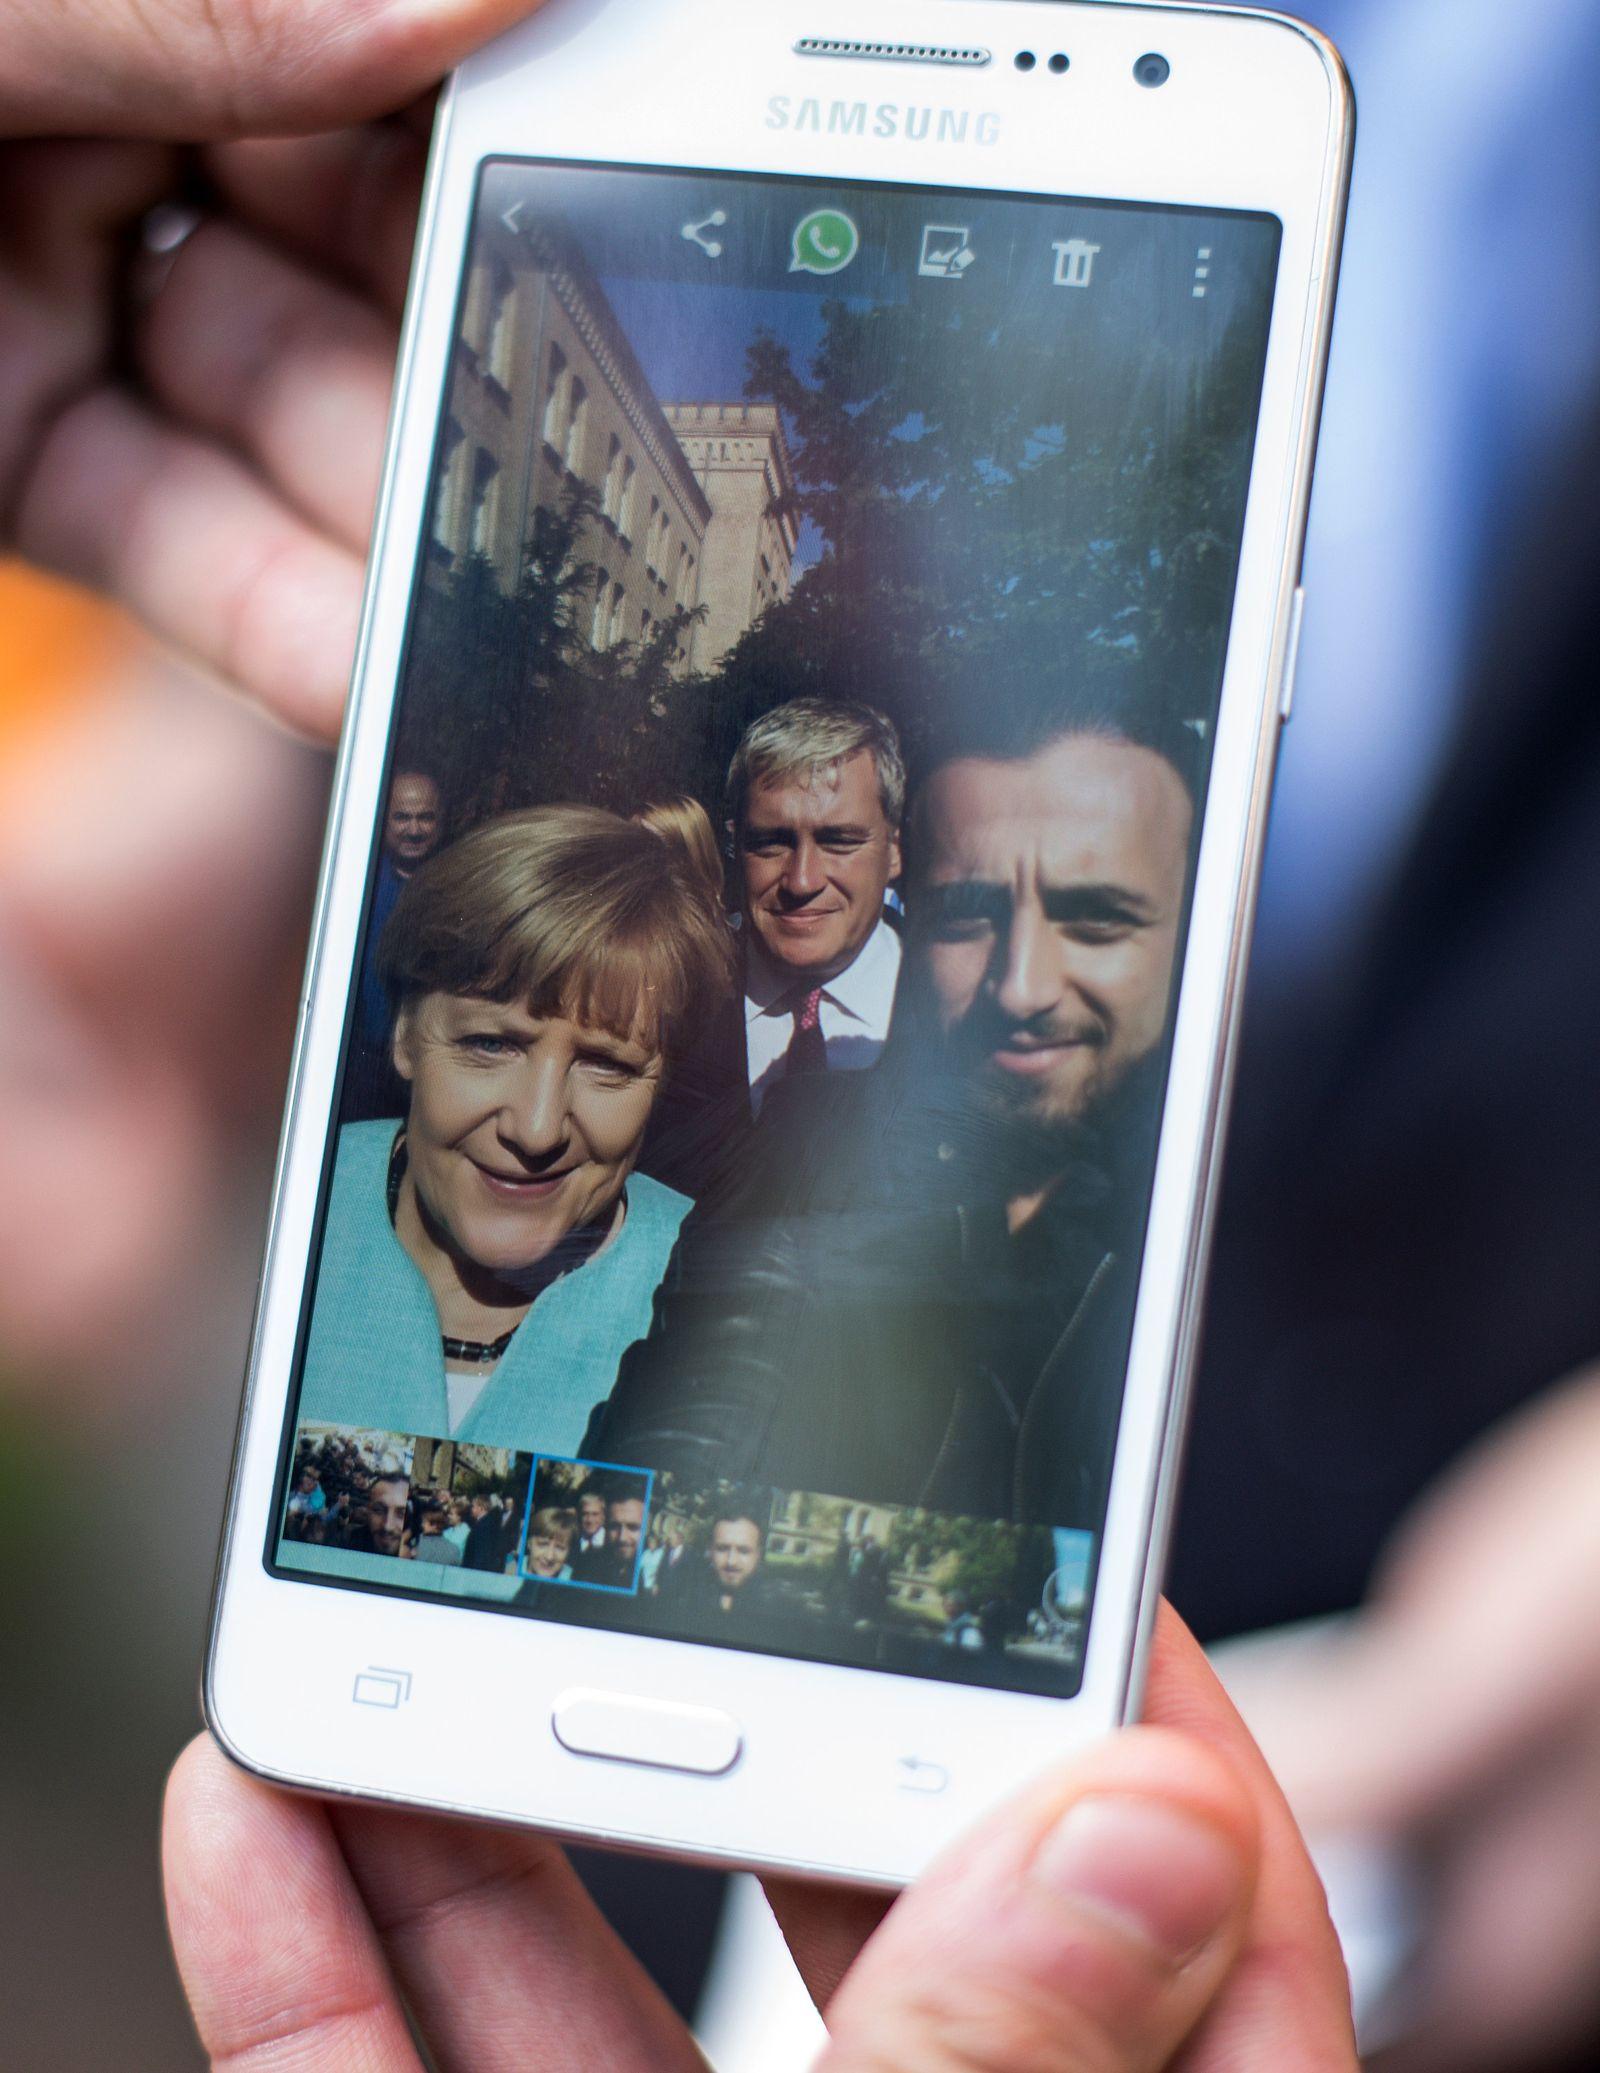 SPIN 39/2015 Merkel pp16 Bundeskanzlerin Merkel besucht Flüchtlingsunterkunft